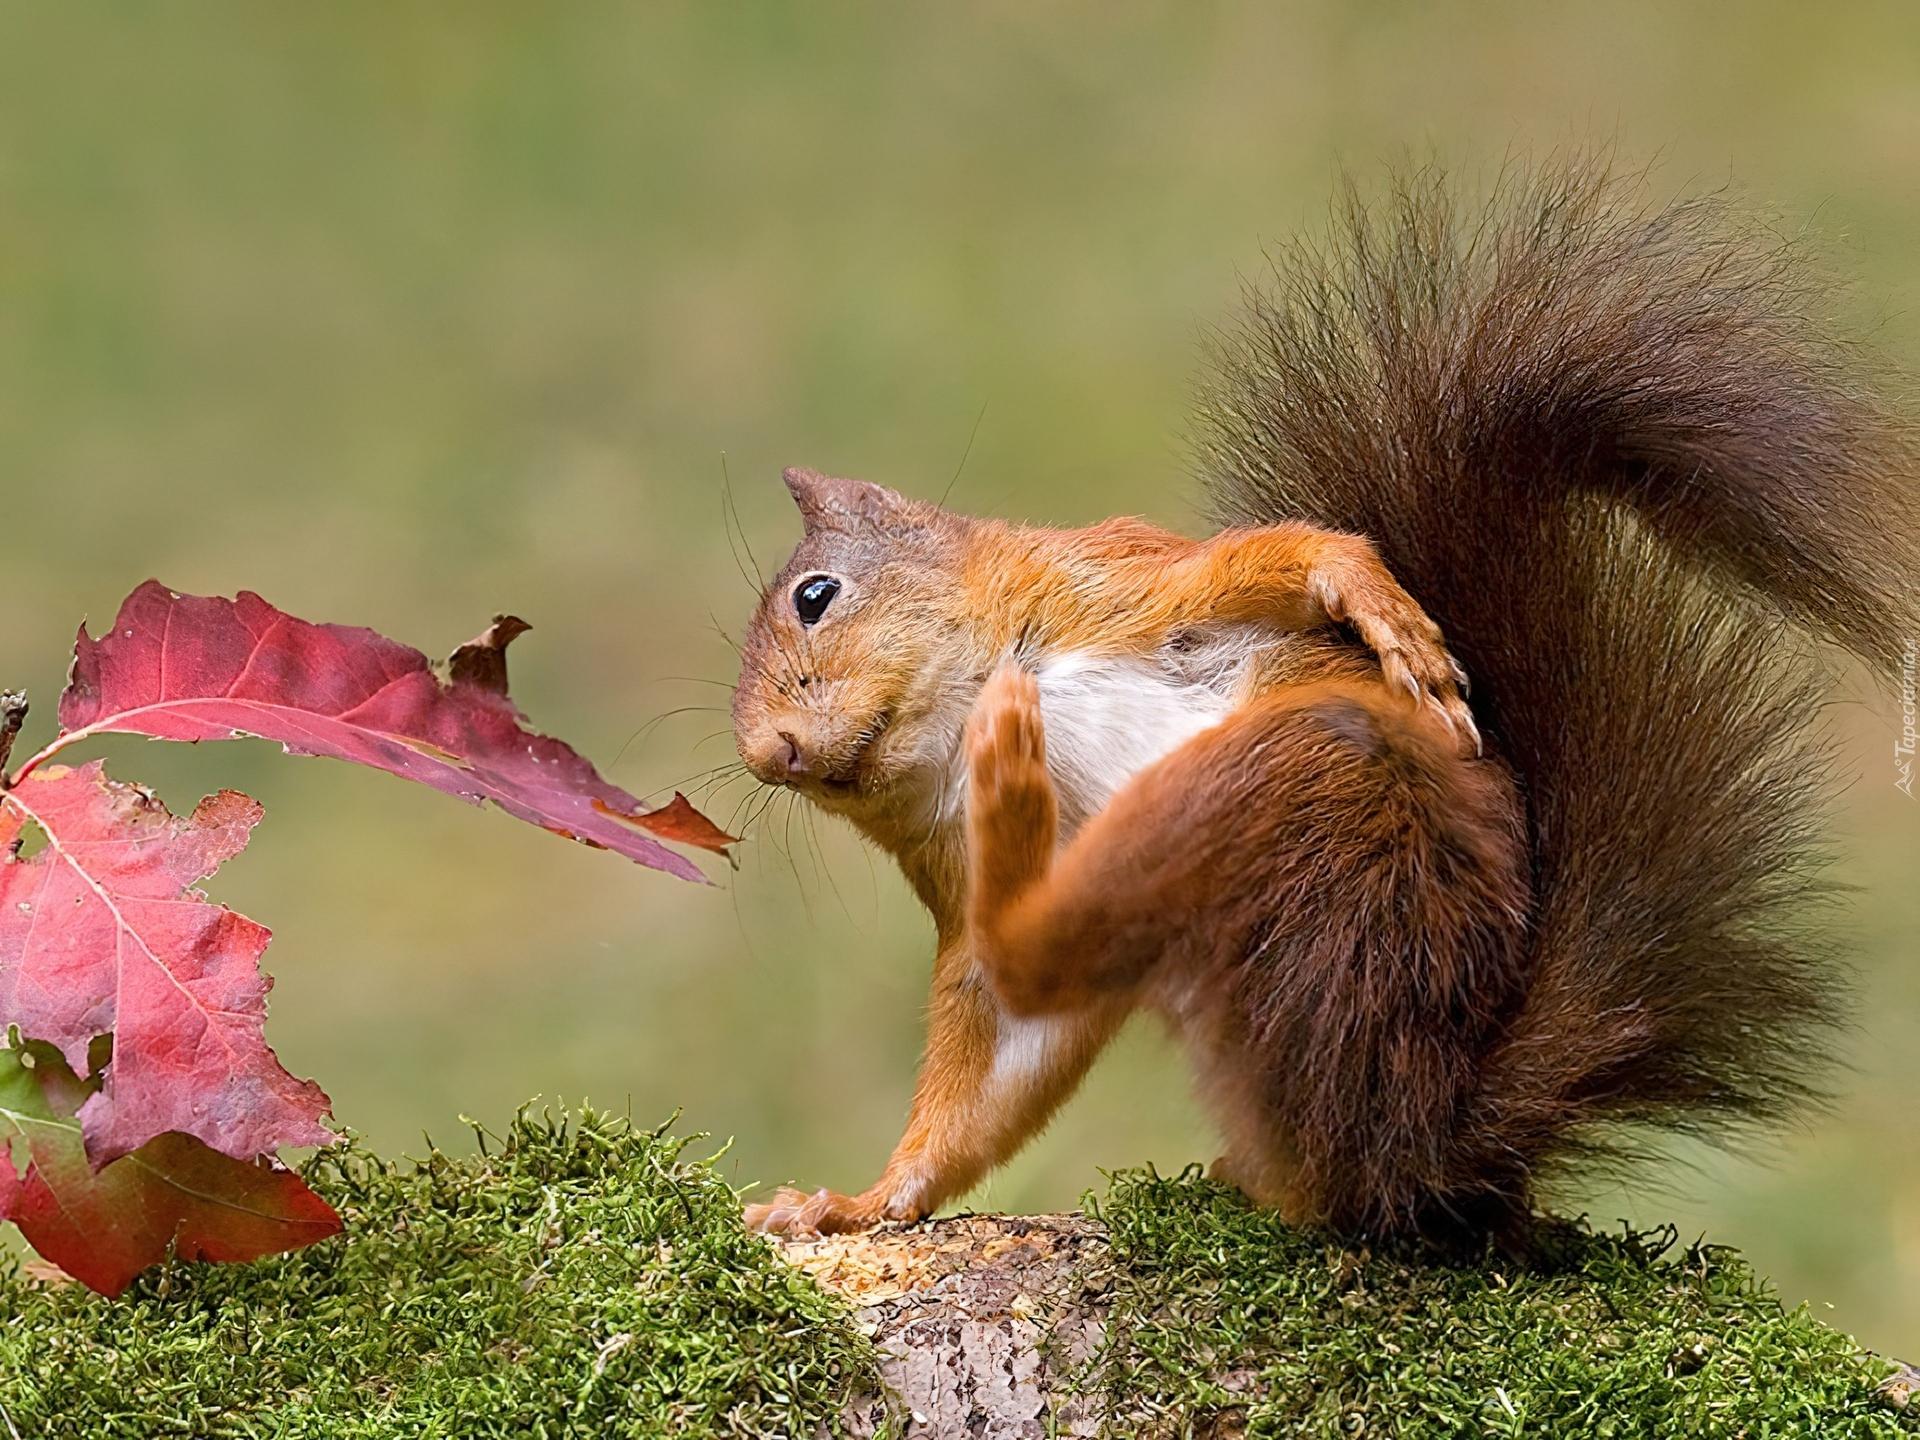 Wiewiórka, Kita, Liść